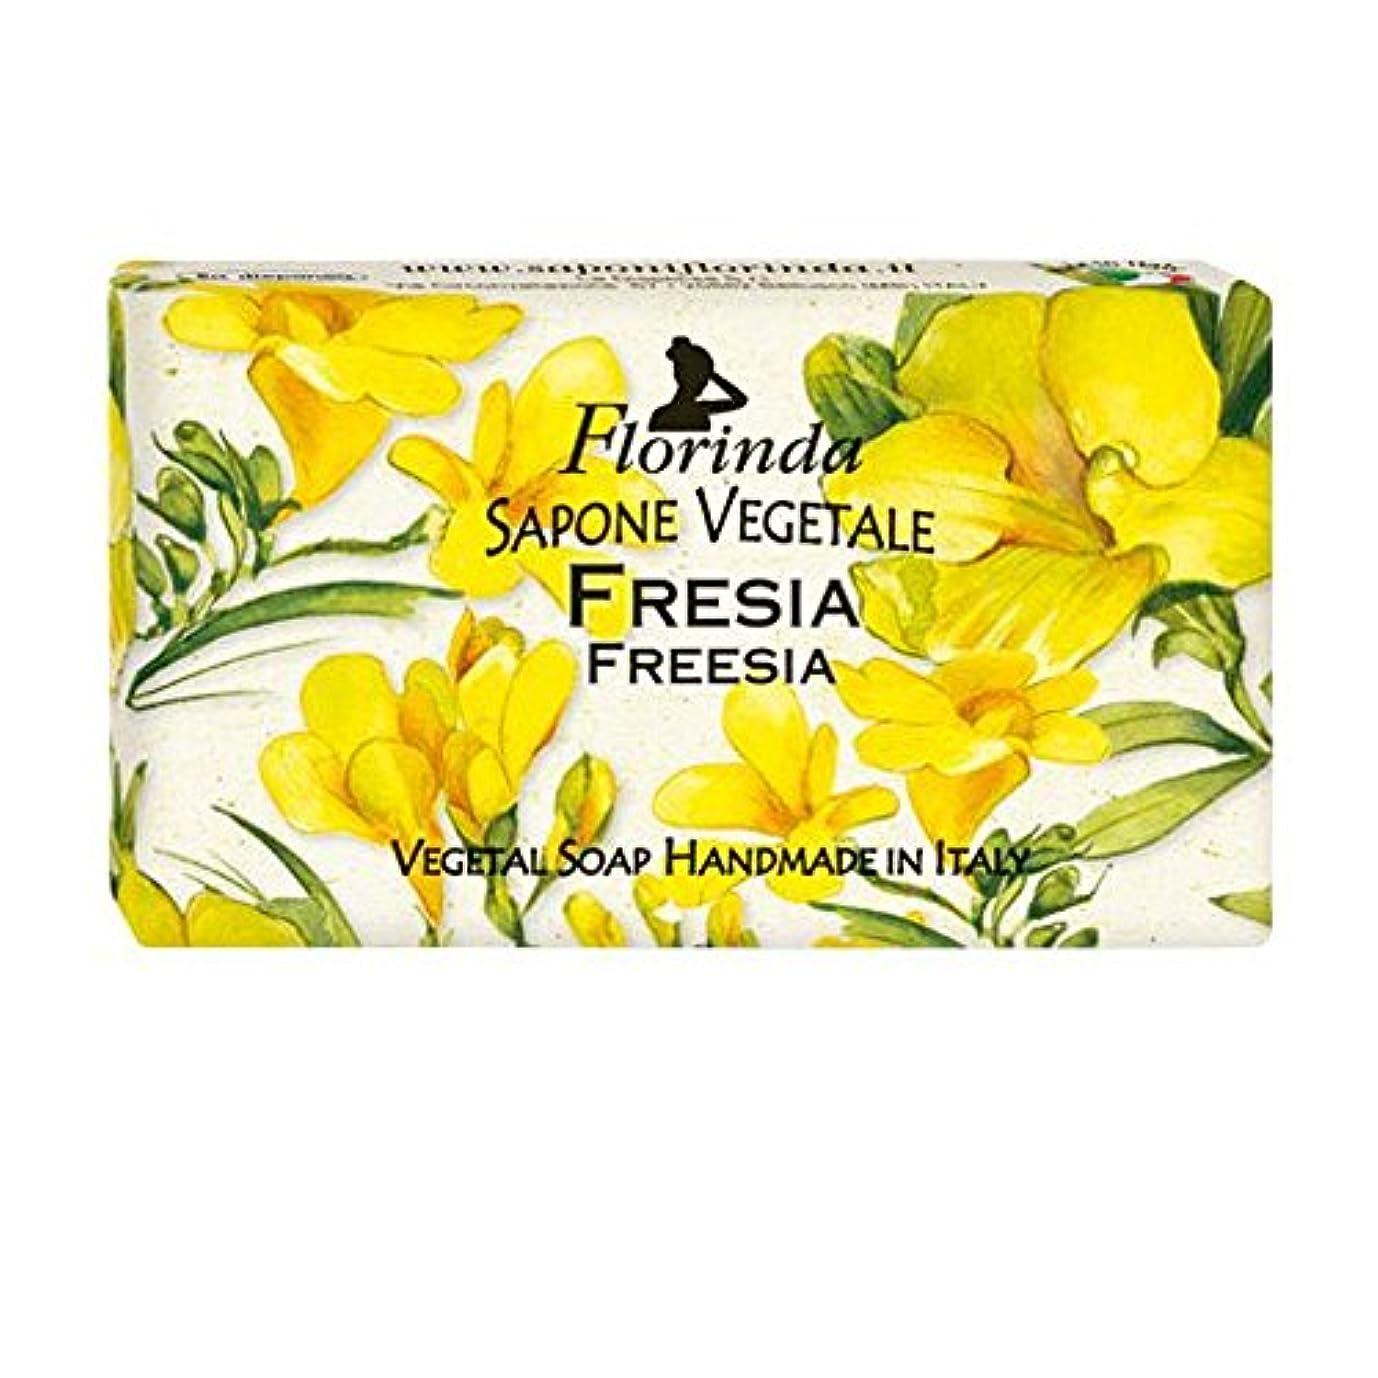 ギャラリー壮大なブームFlorinda フロリンダ フレグランスソープ フローレンス フリージア 100g [並行輸入品]